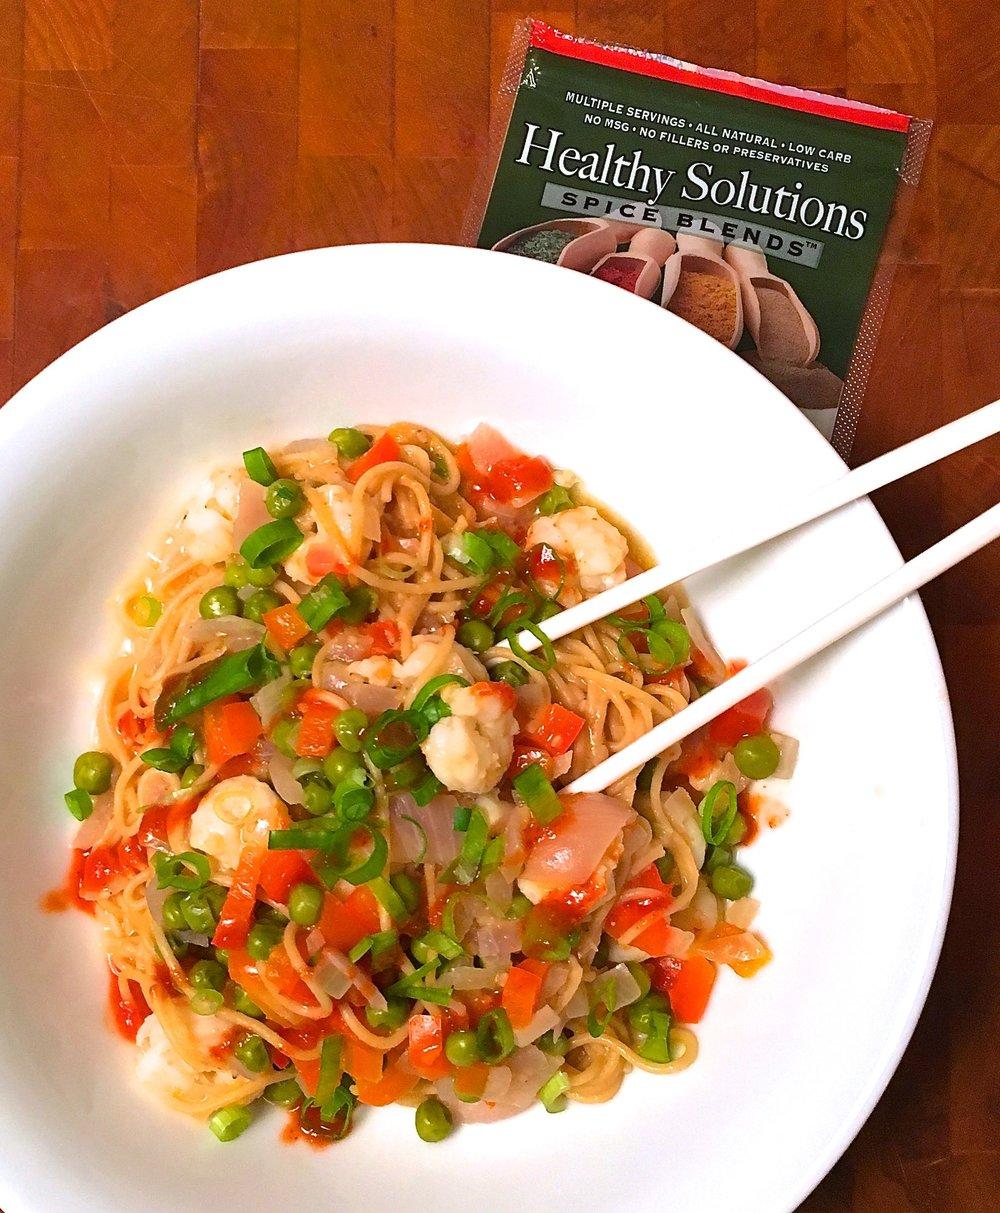 healthy solutions sesame ginger pasta.jpg